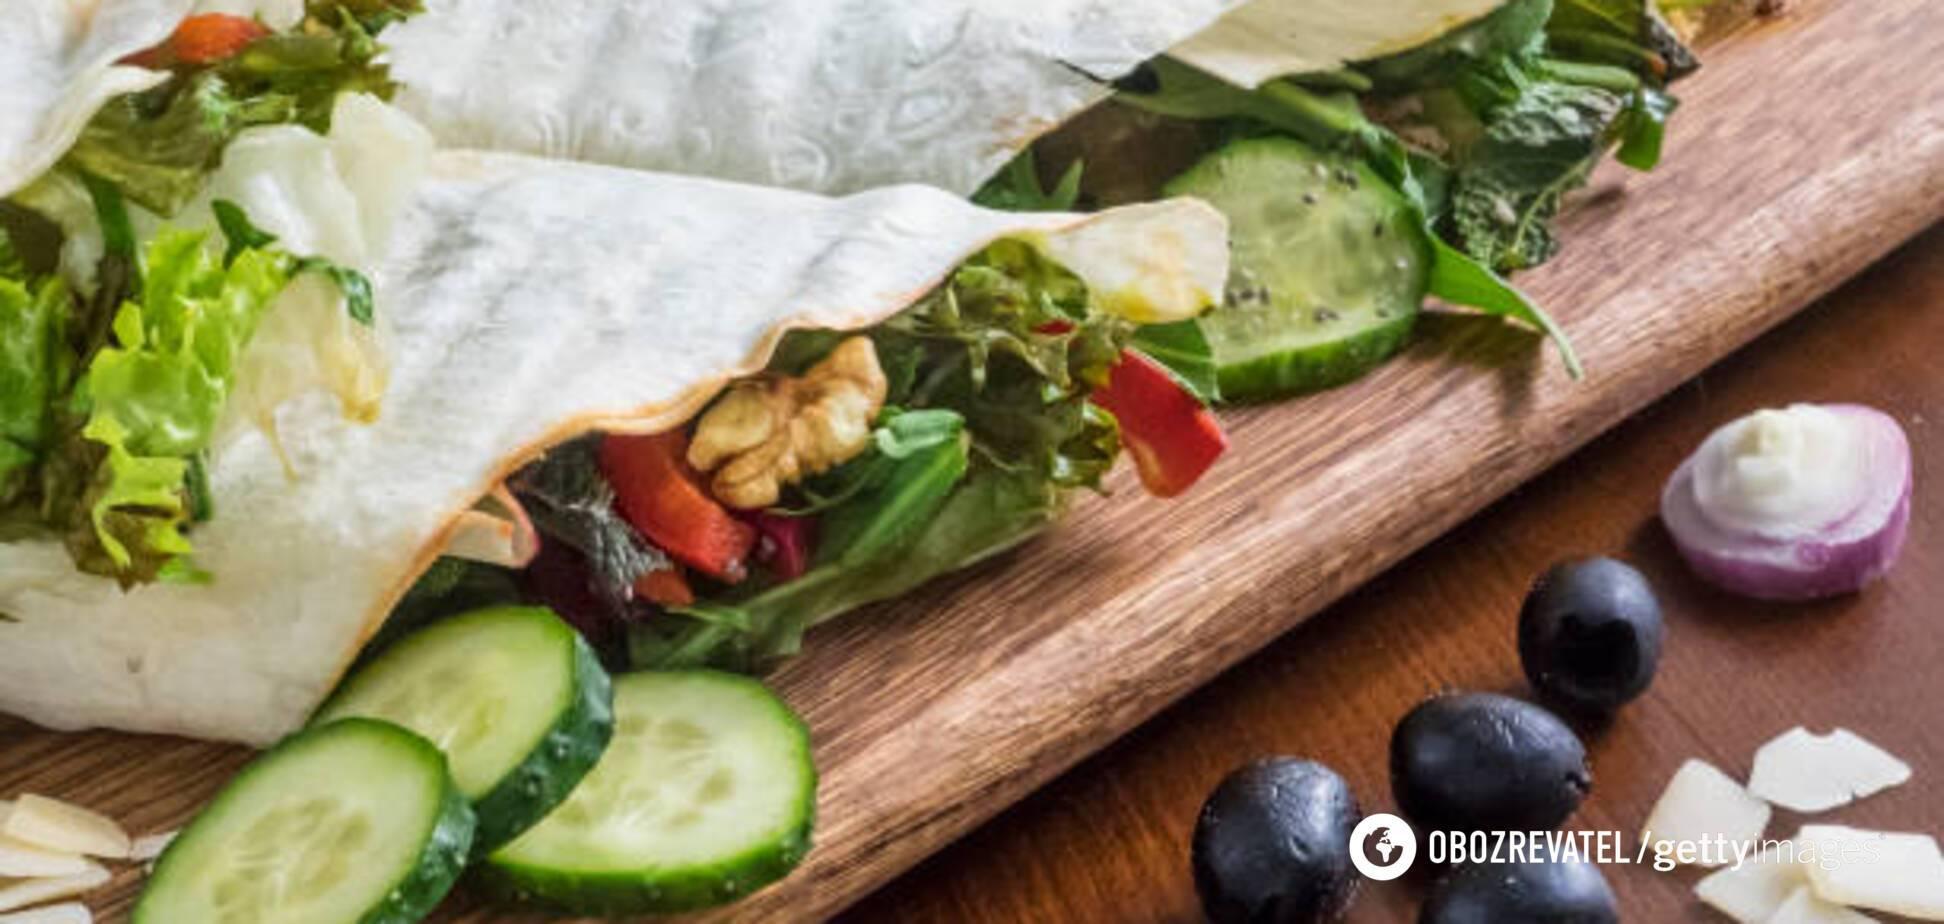 Шаурма без мяса с двумя соусами: рецепт от известного фуд-блогера